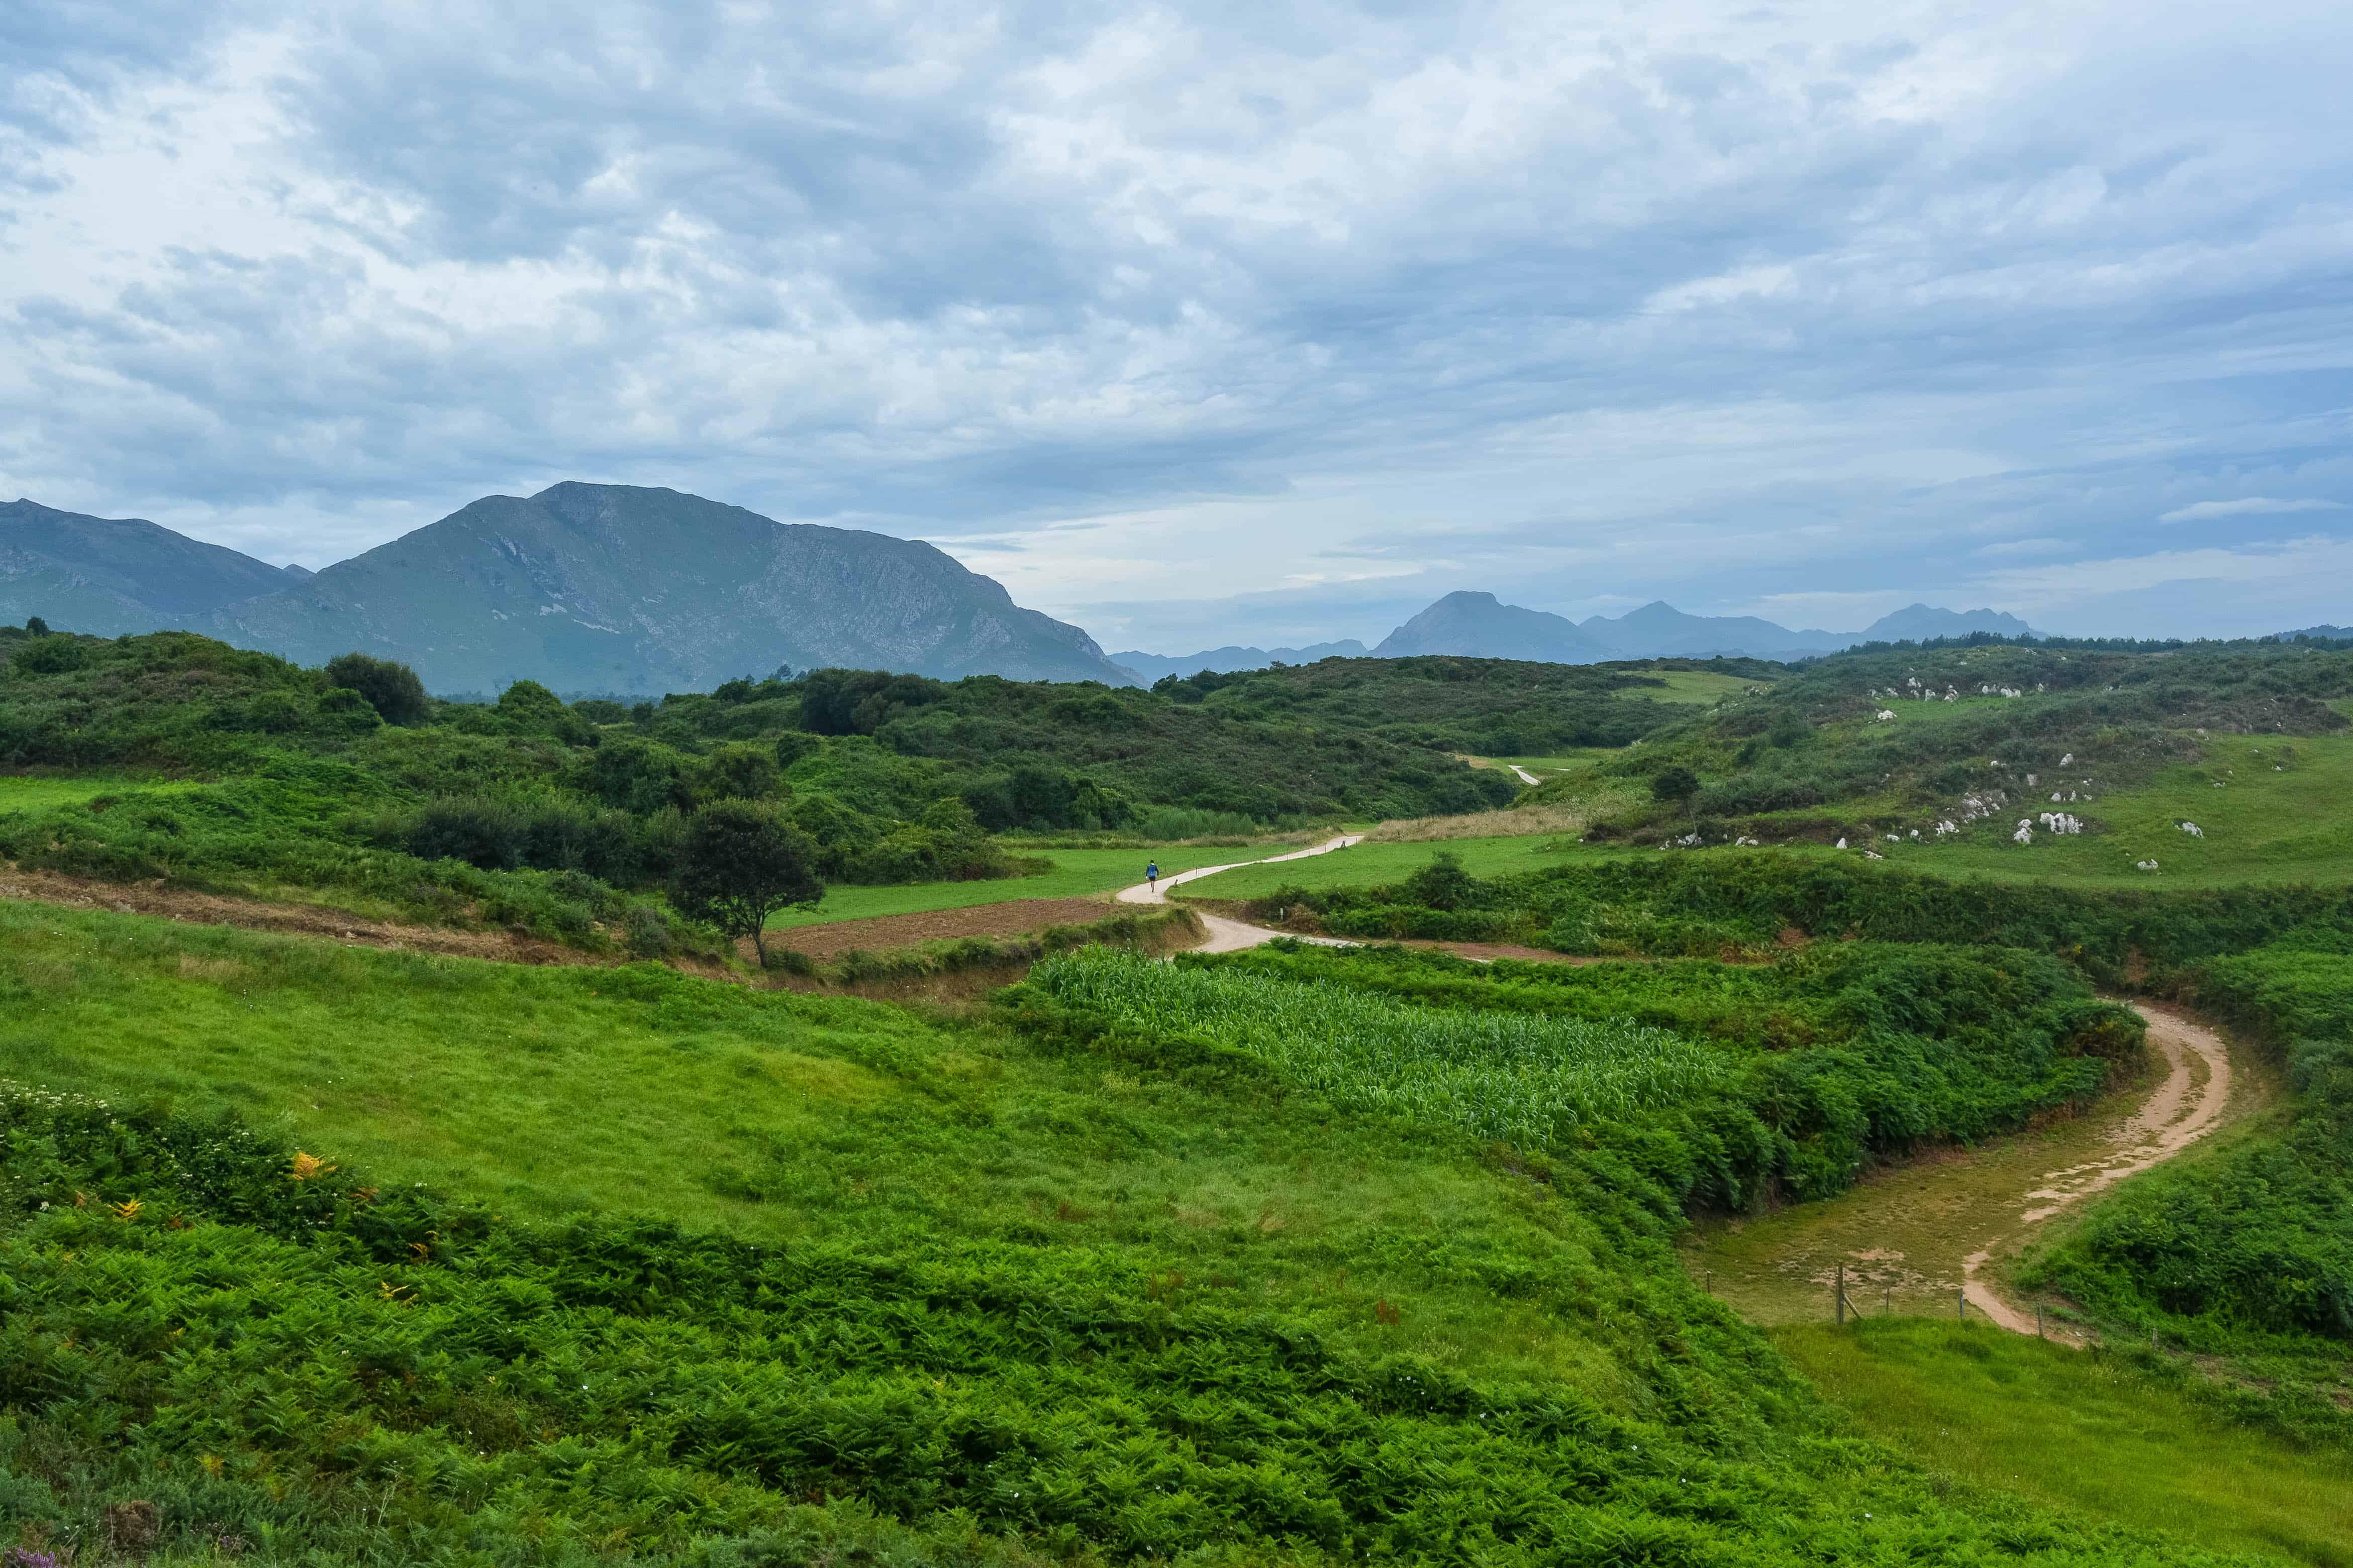 camino-de-santiago-fb-14